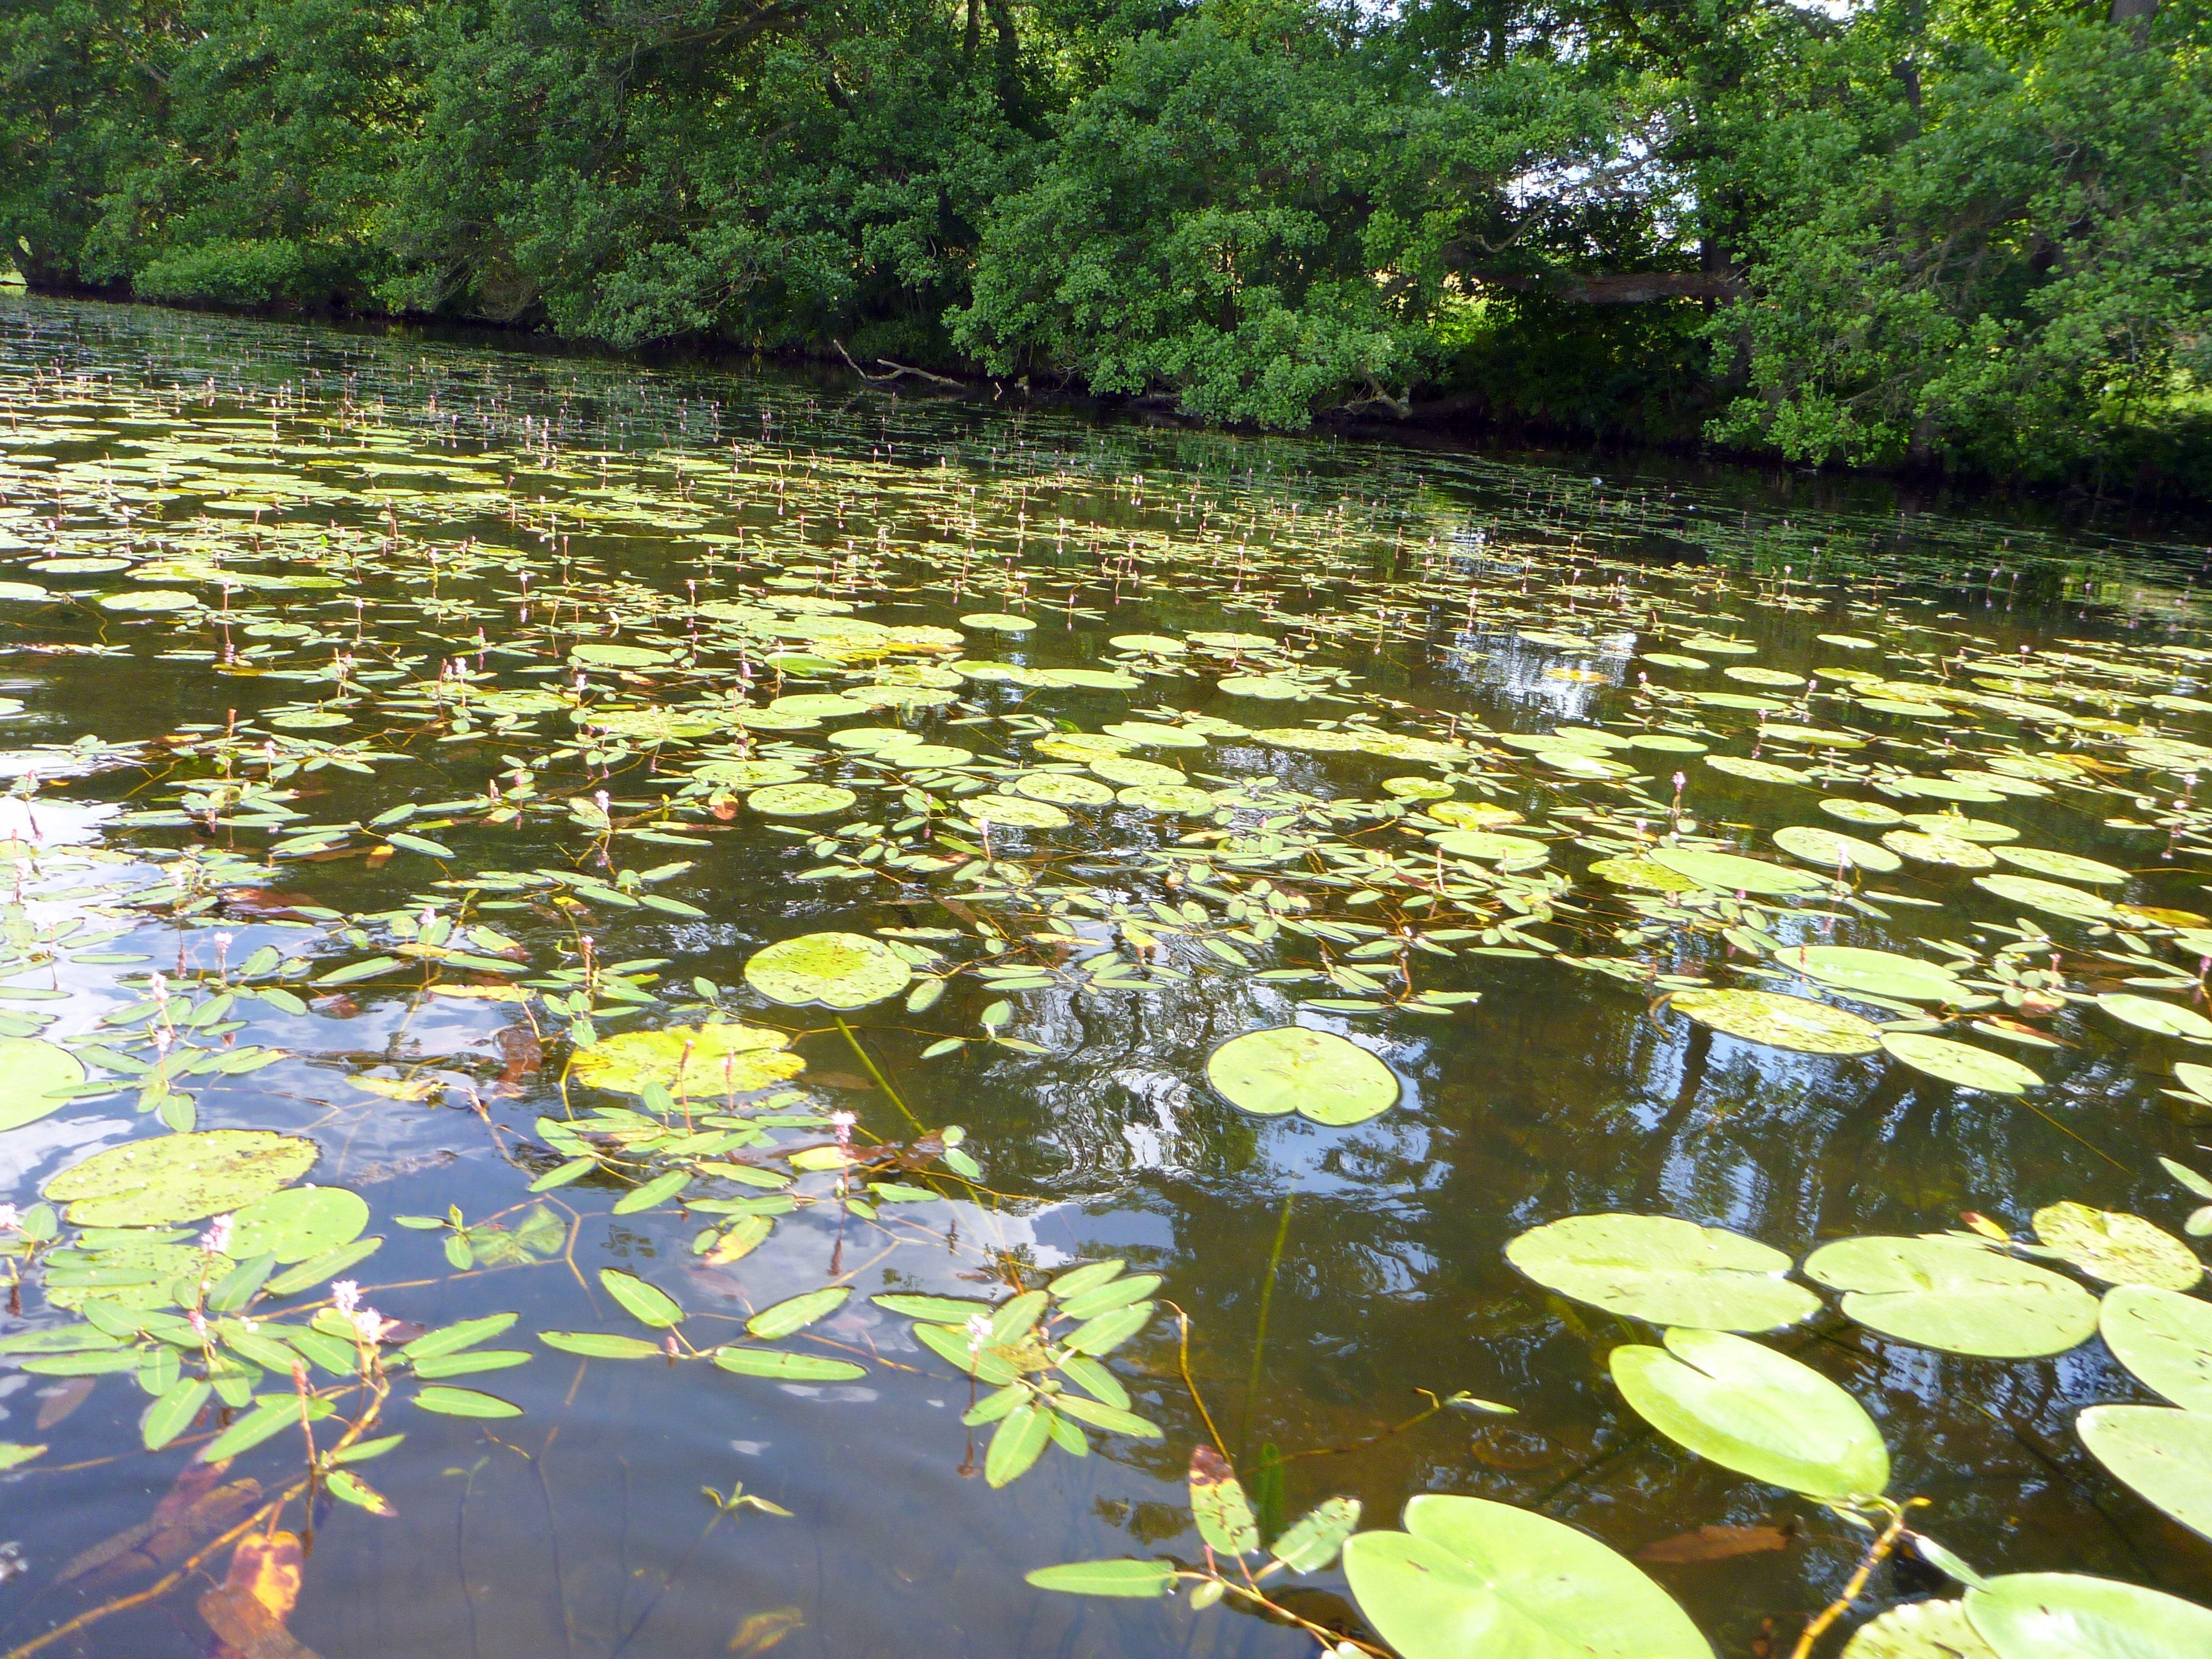 Åkander i en sø